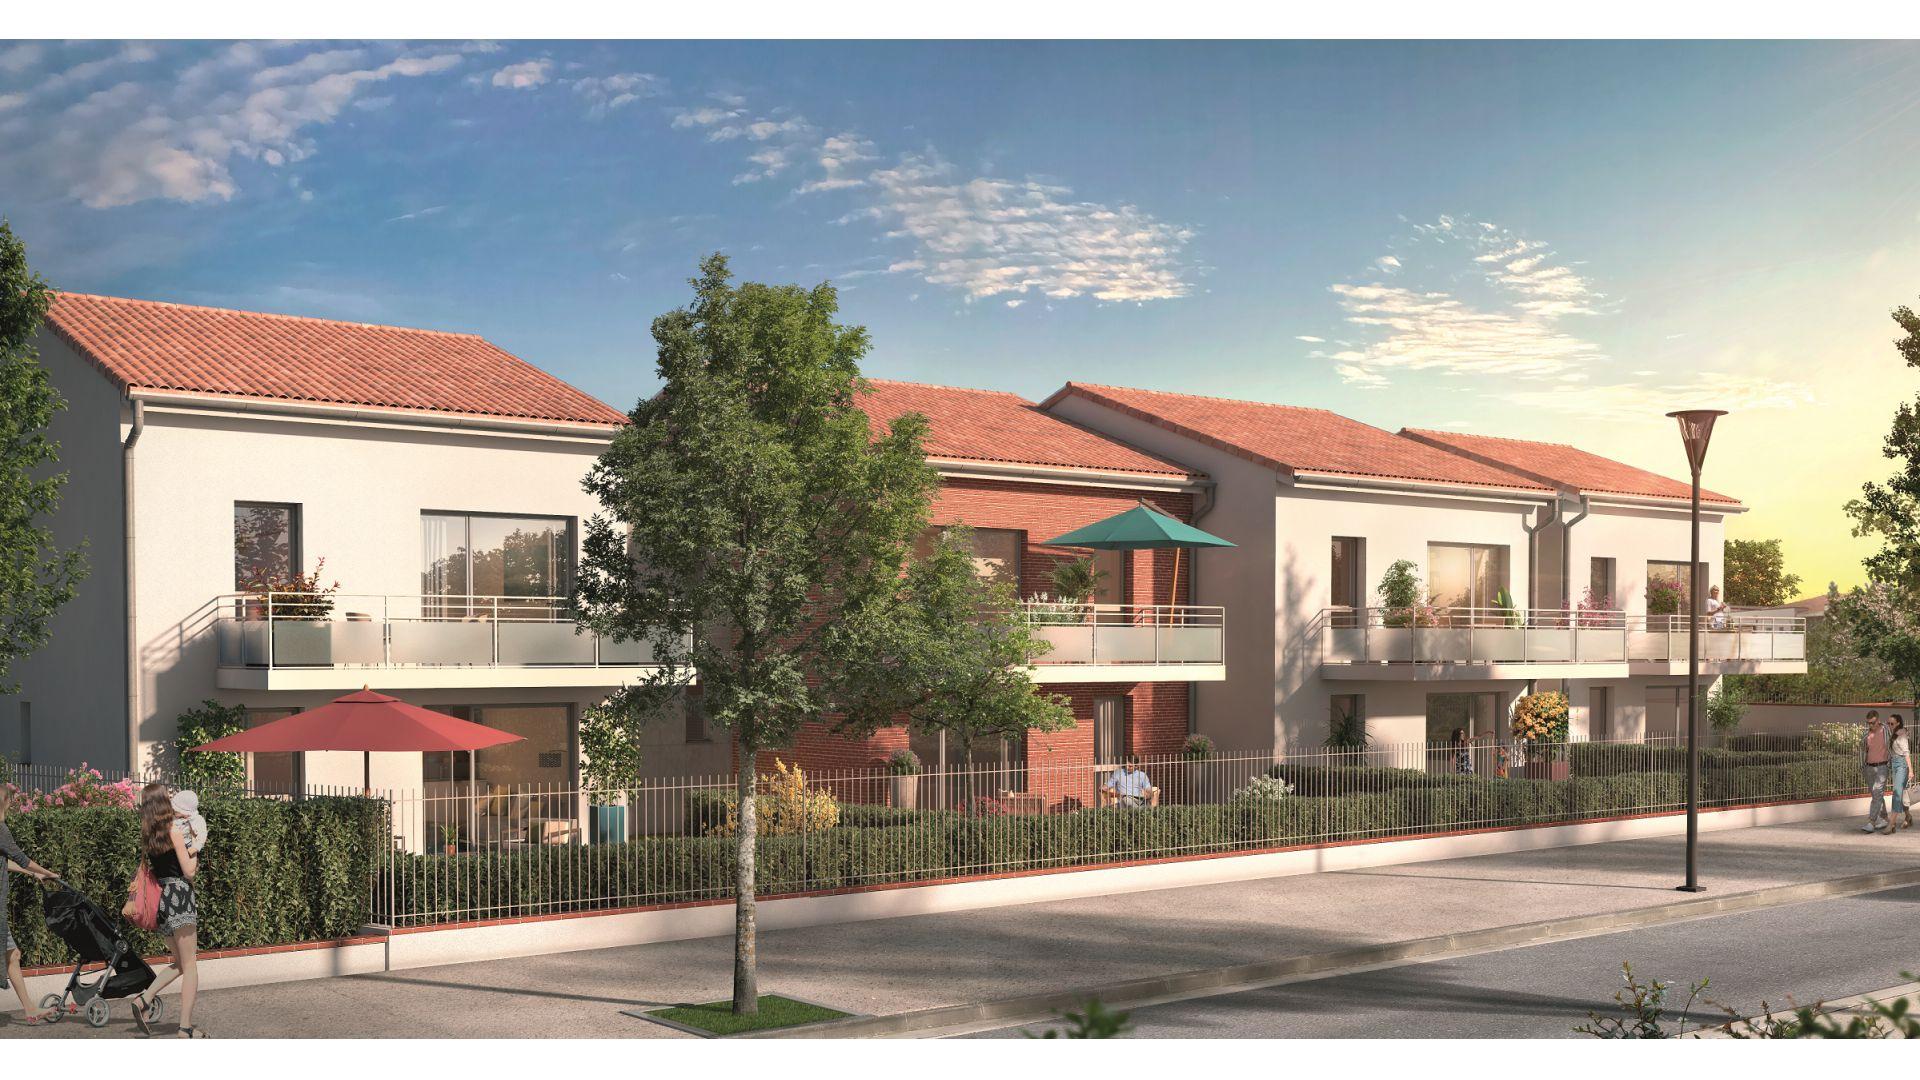 Greencity Immobilier - Hameau Dhuoda - achat appartements neufs du T2 au T3 - 31100 Toulouse Saint-Simon